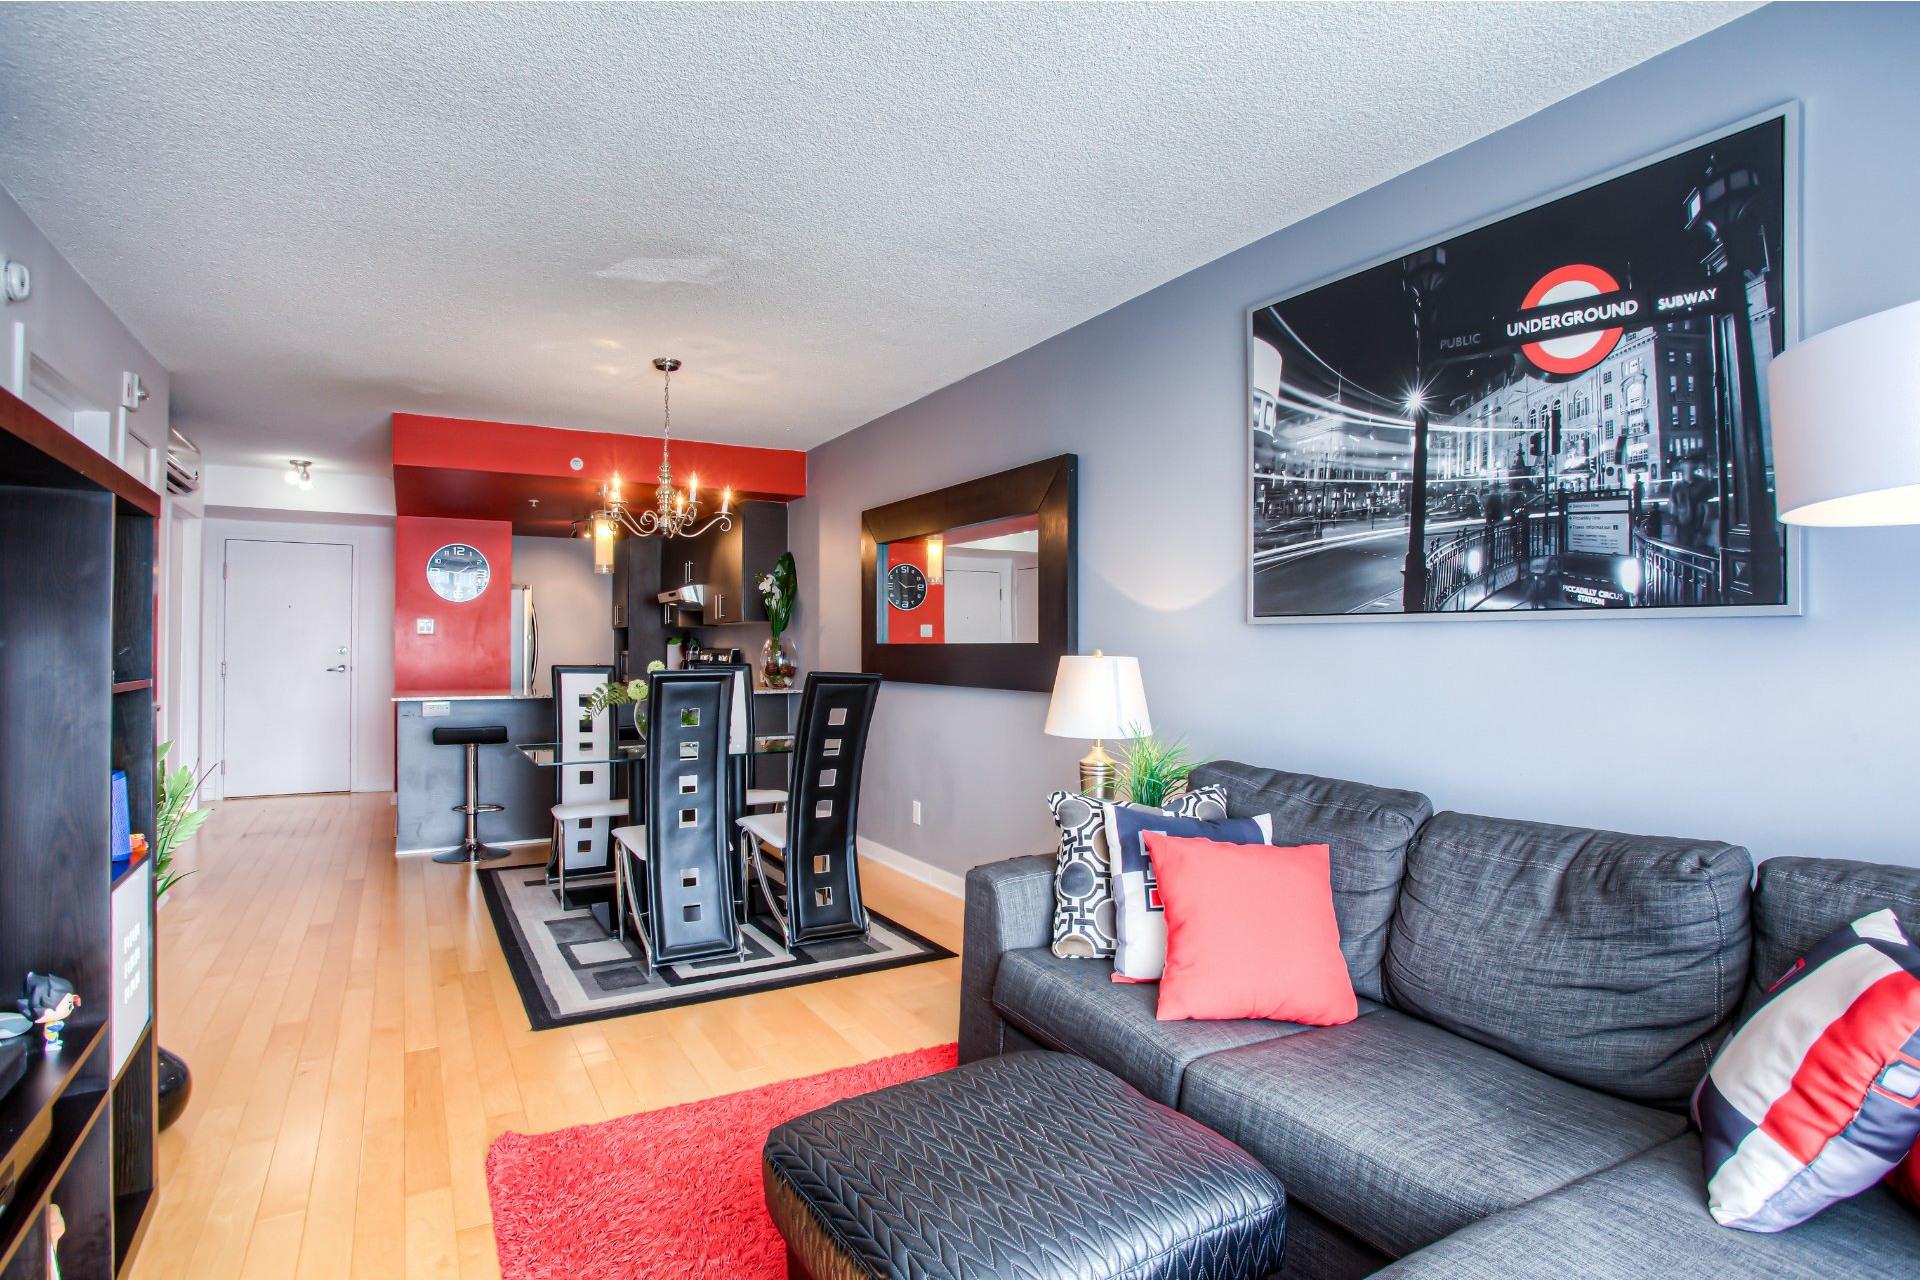 image 3 - Appartement À vendre Ahuntsic-Cartierville Montréal  - 3 pièces